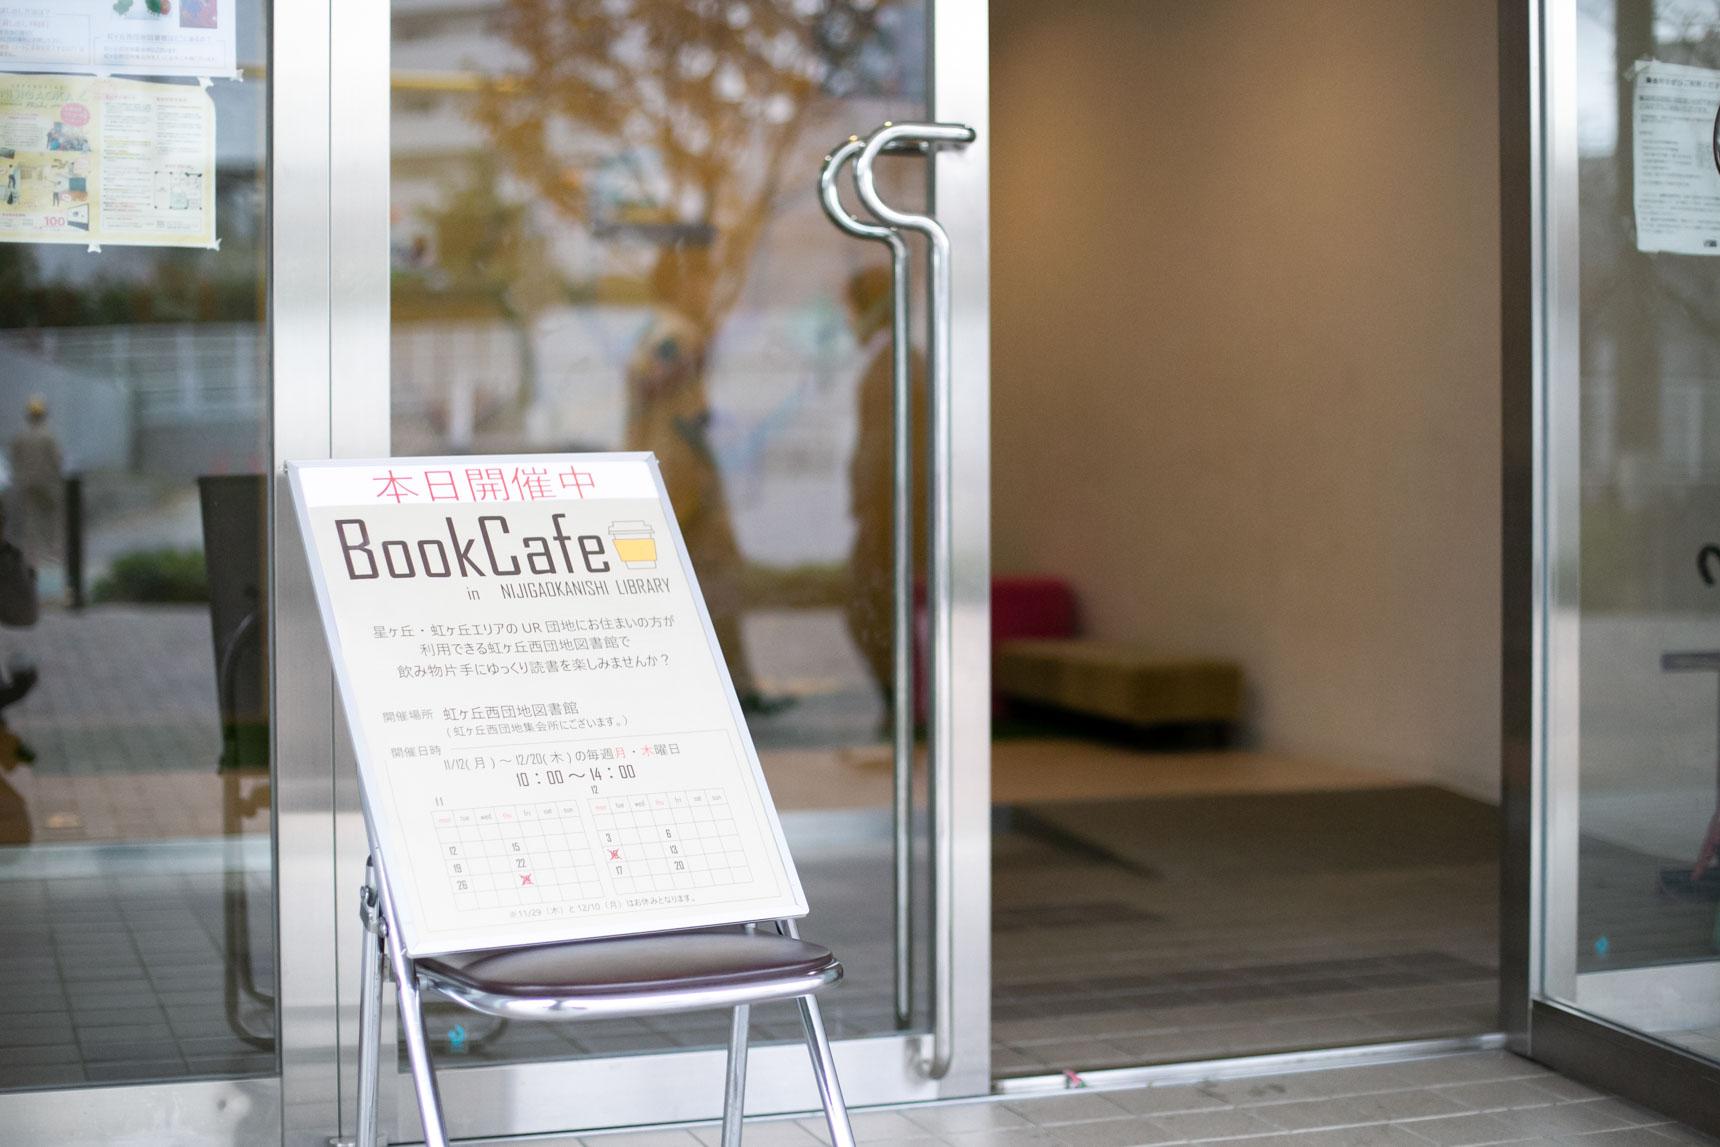 団地の集会所では、ご近所の椙山女学園大学と協力して、「BookCafe」が開催されていました。